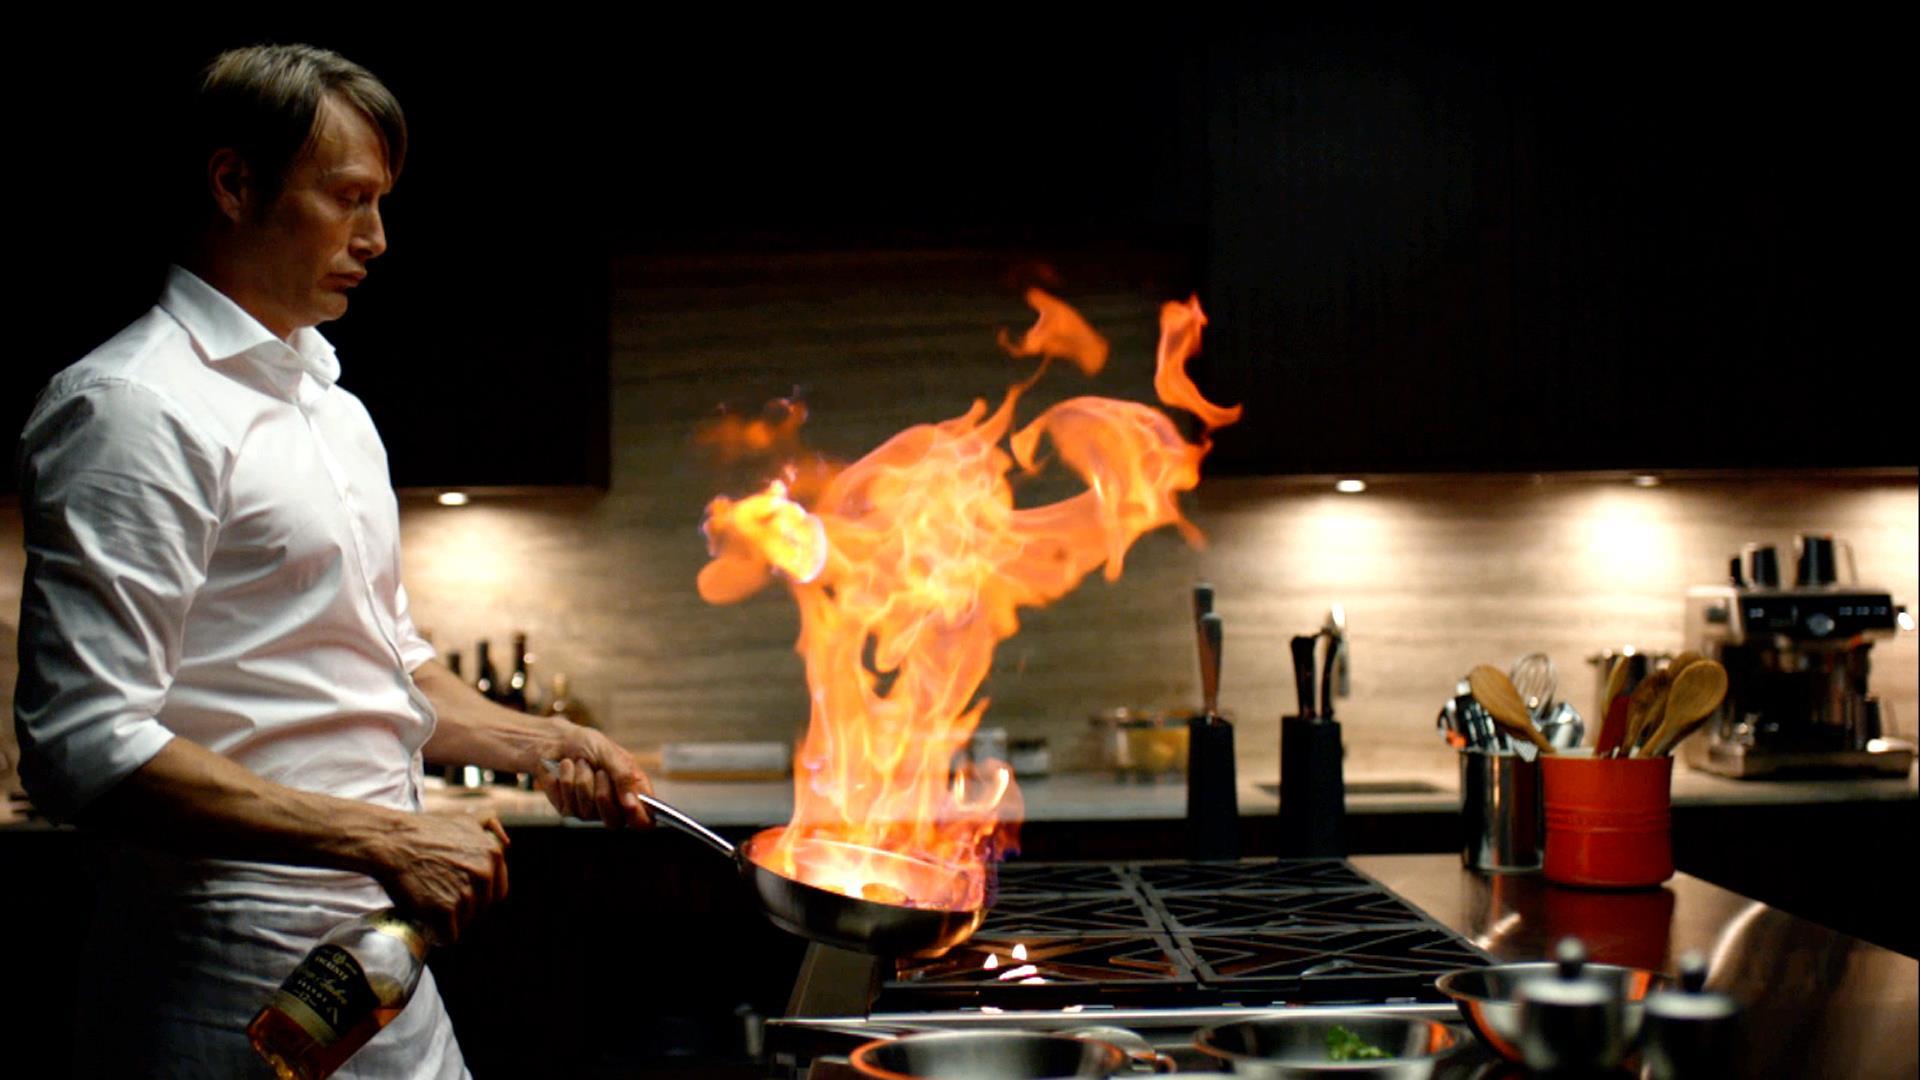 Hannibal S Kitchen